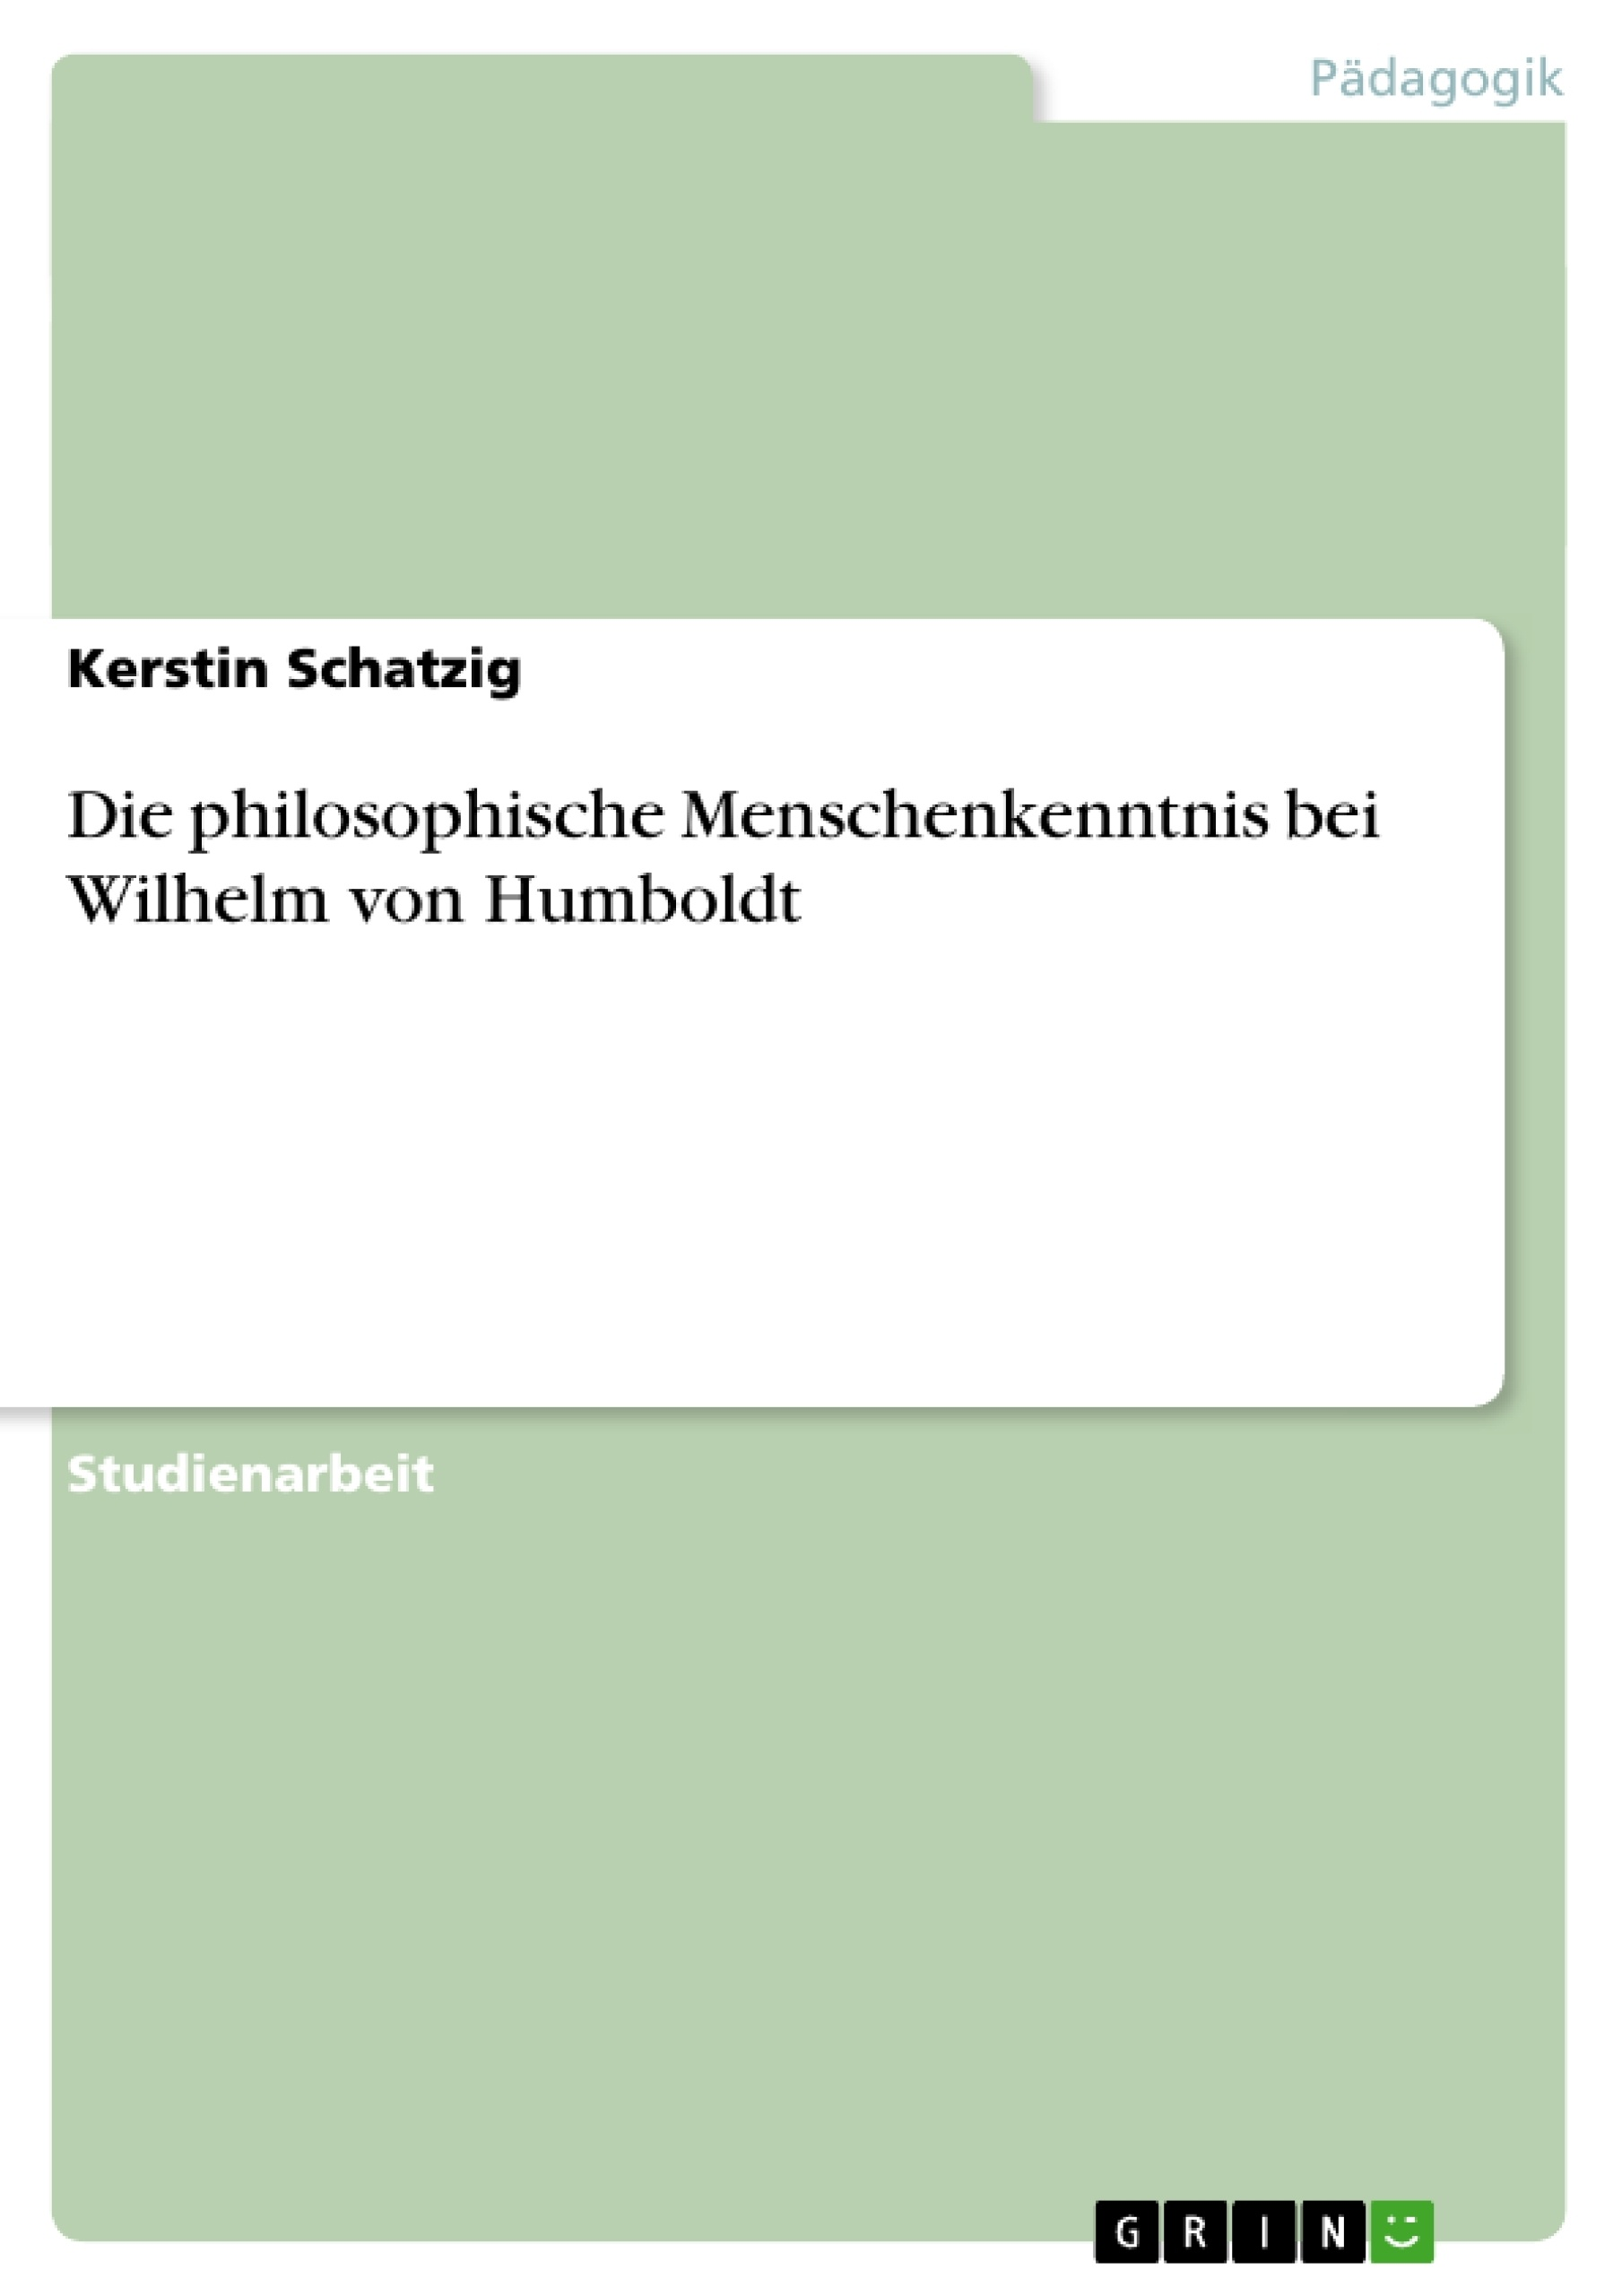 Titel: Die philosophische Menschenkenntnis bei Wilhelm von Humboldt